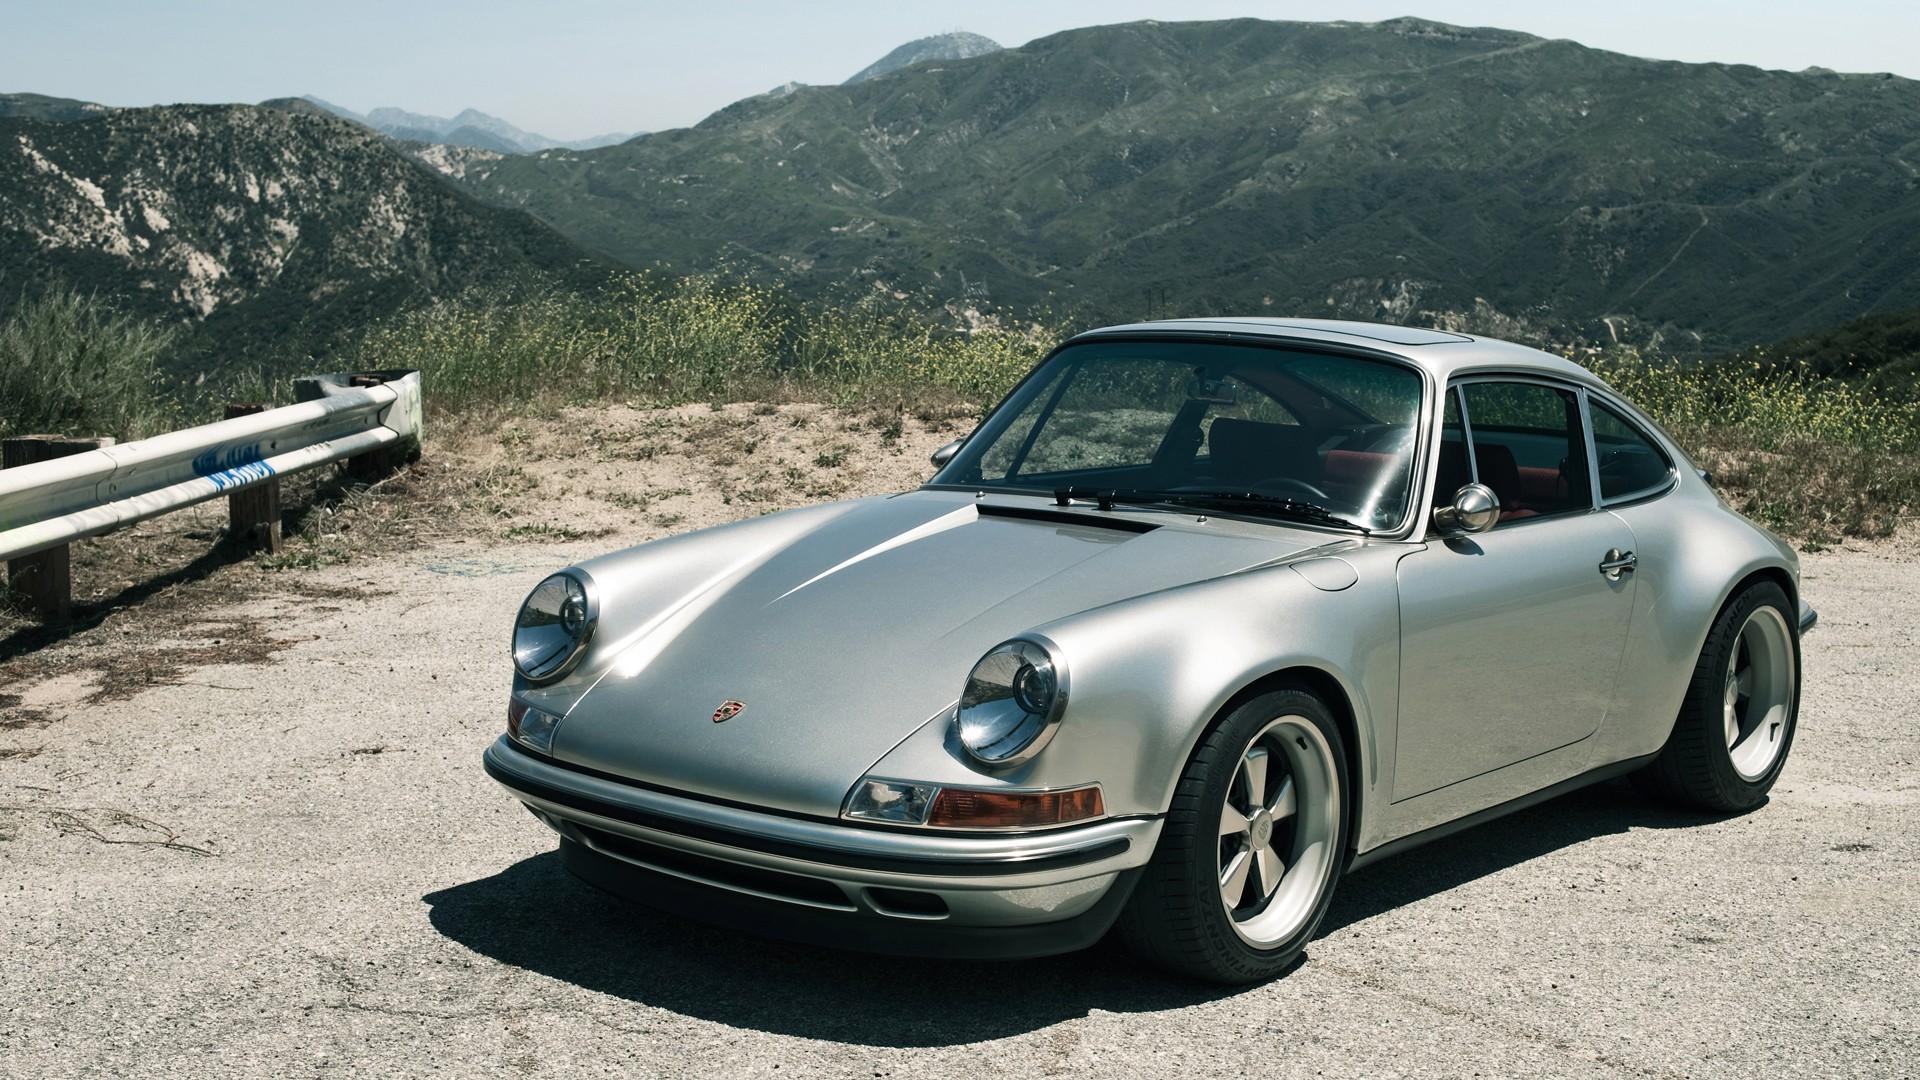 Mini Car Hd Wallpaper Porsche 911 Classic Wallpaper Hd Car Wallpapers Id 2847